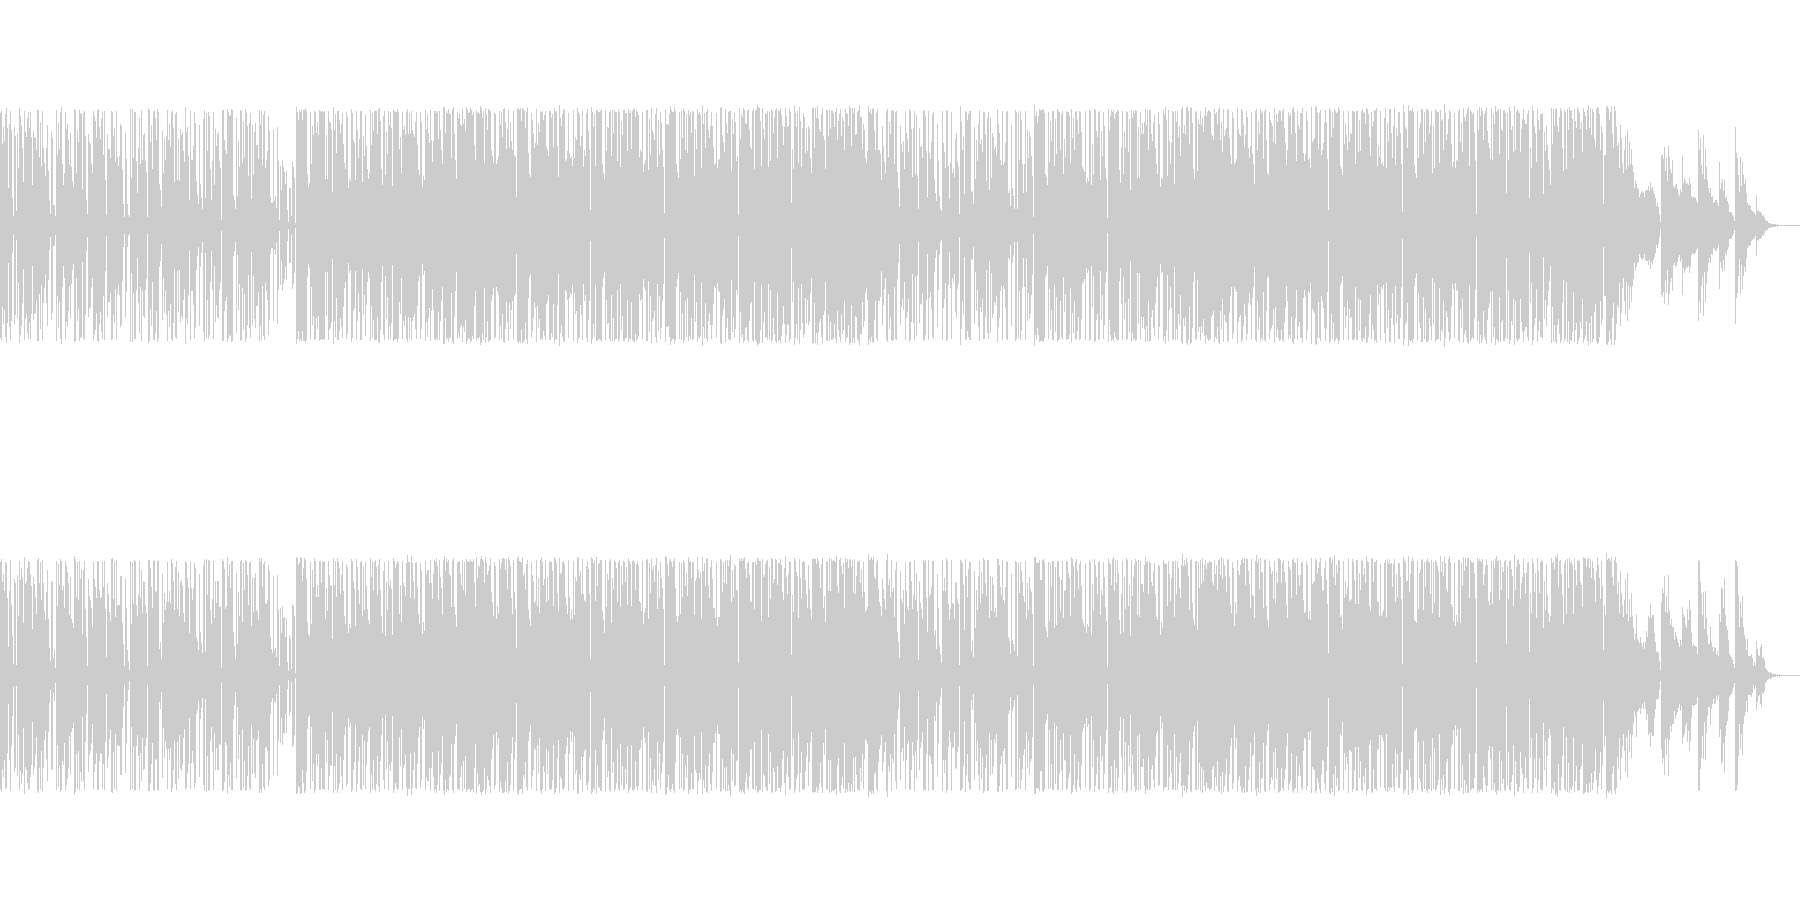 ゲームBGMに適したシンセポップの未再生の波形